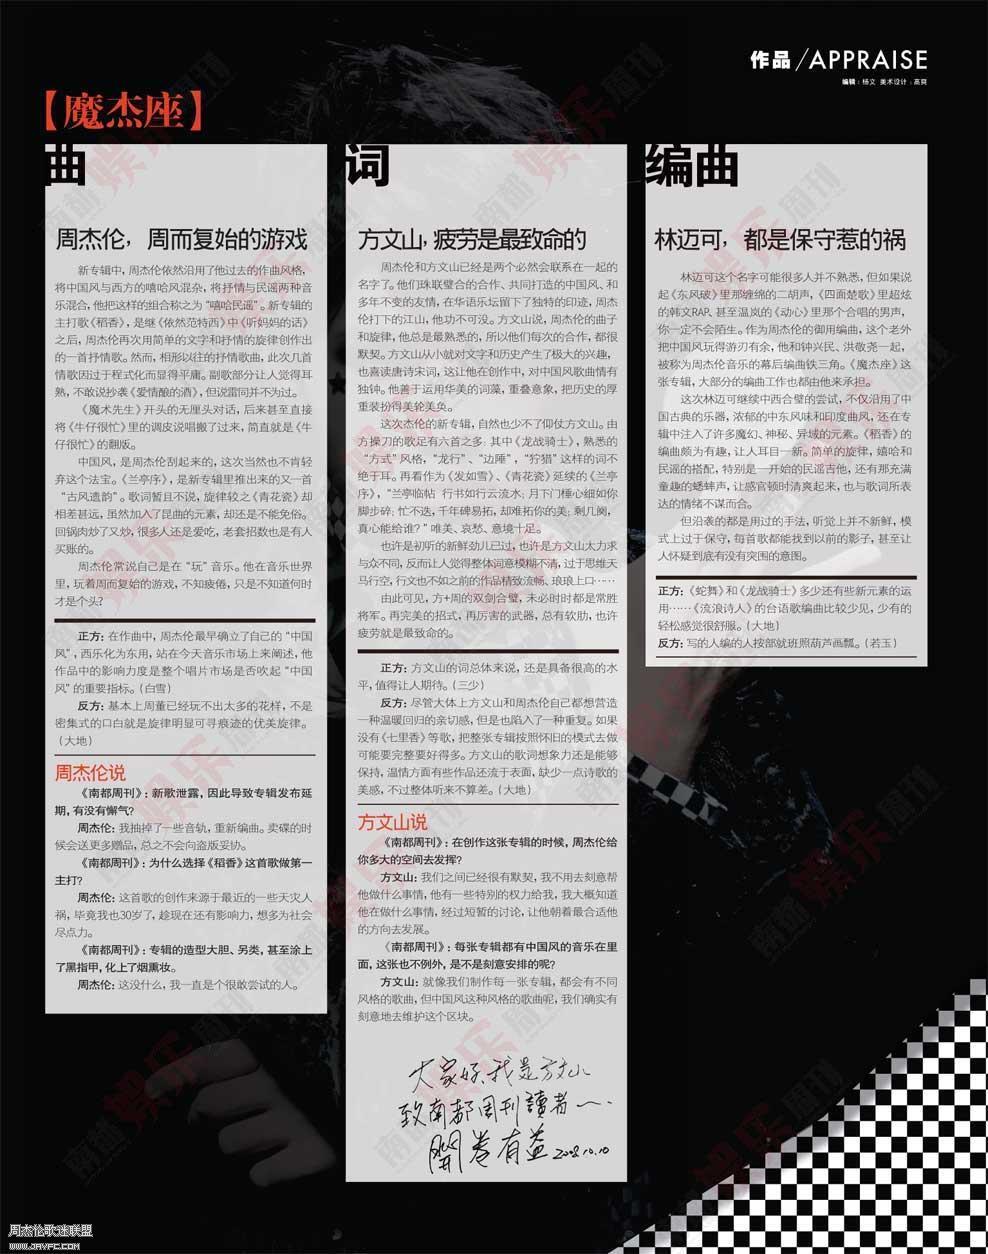 南都娱乐周刊封面+内页 人气:925